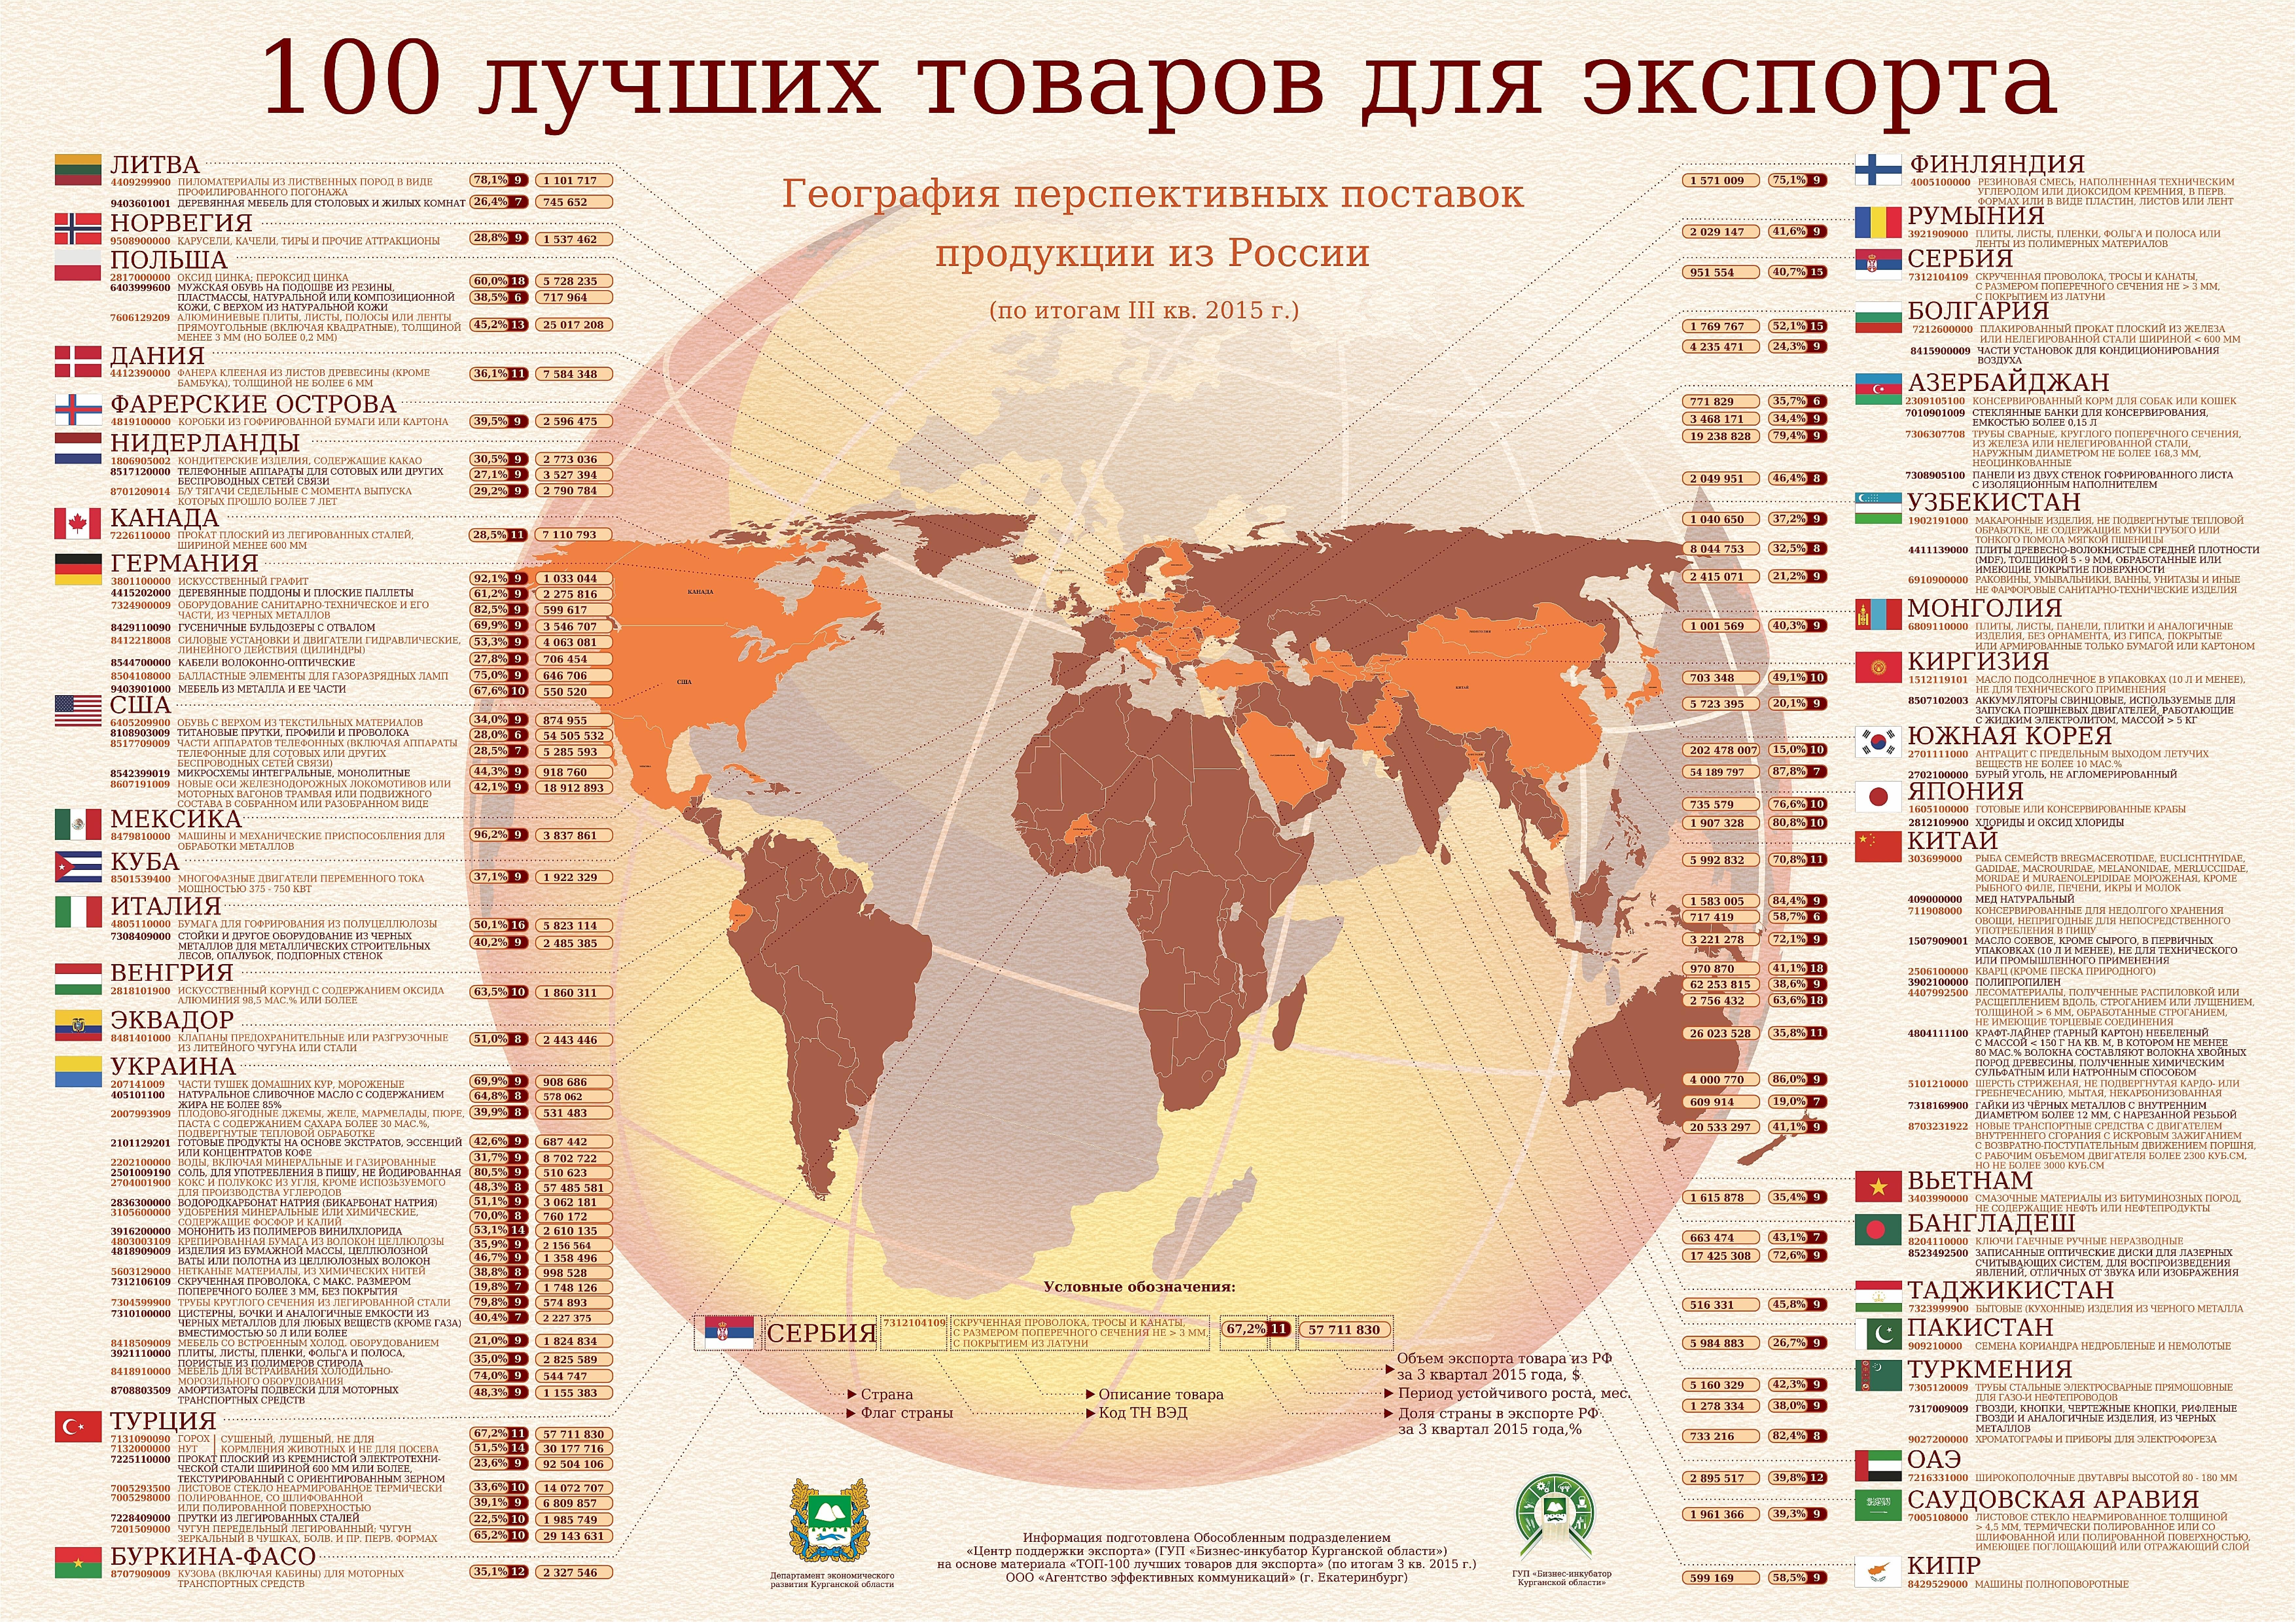 100 лучших товаров для экспорта